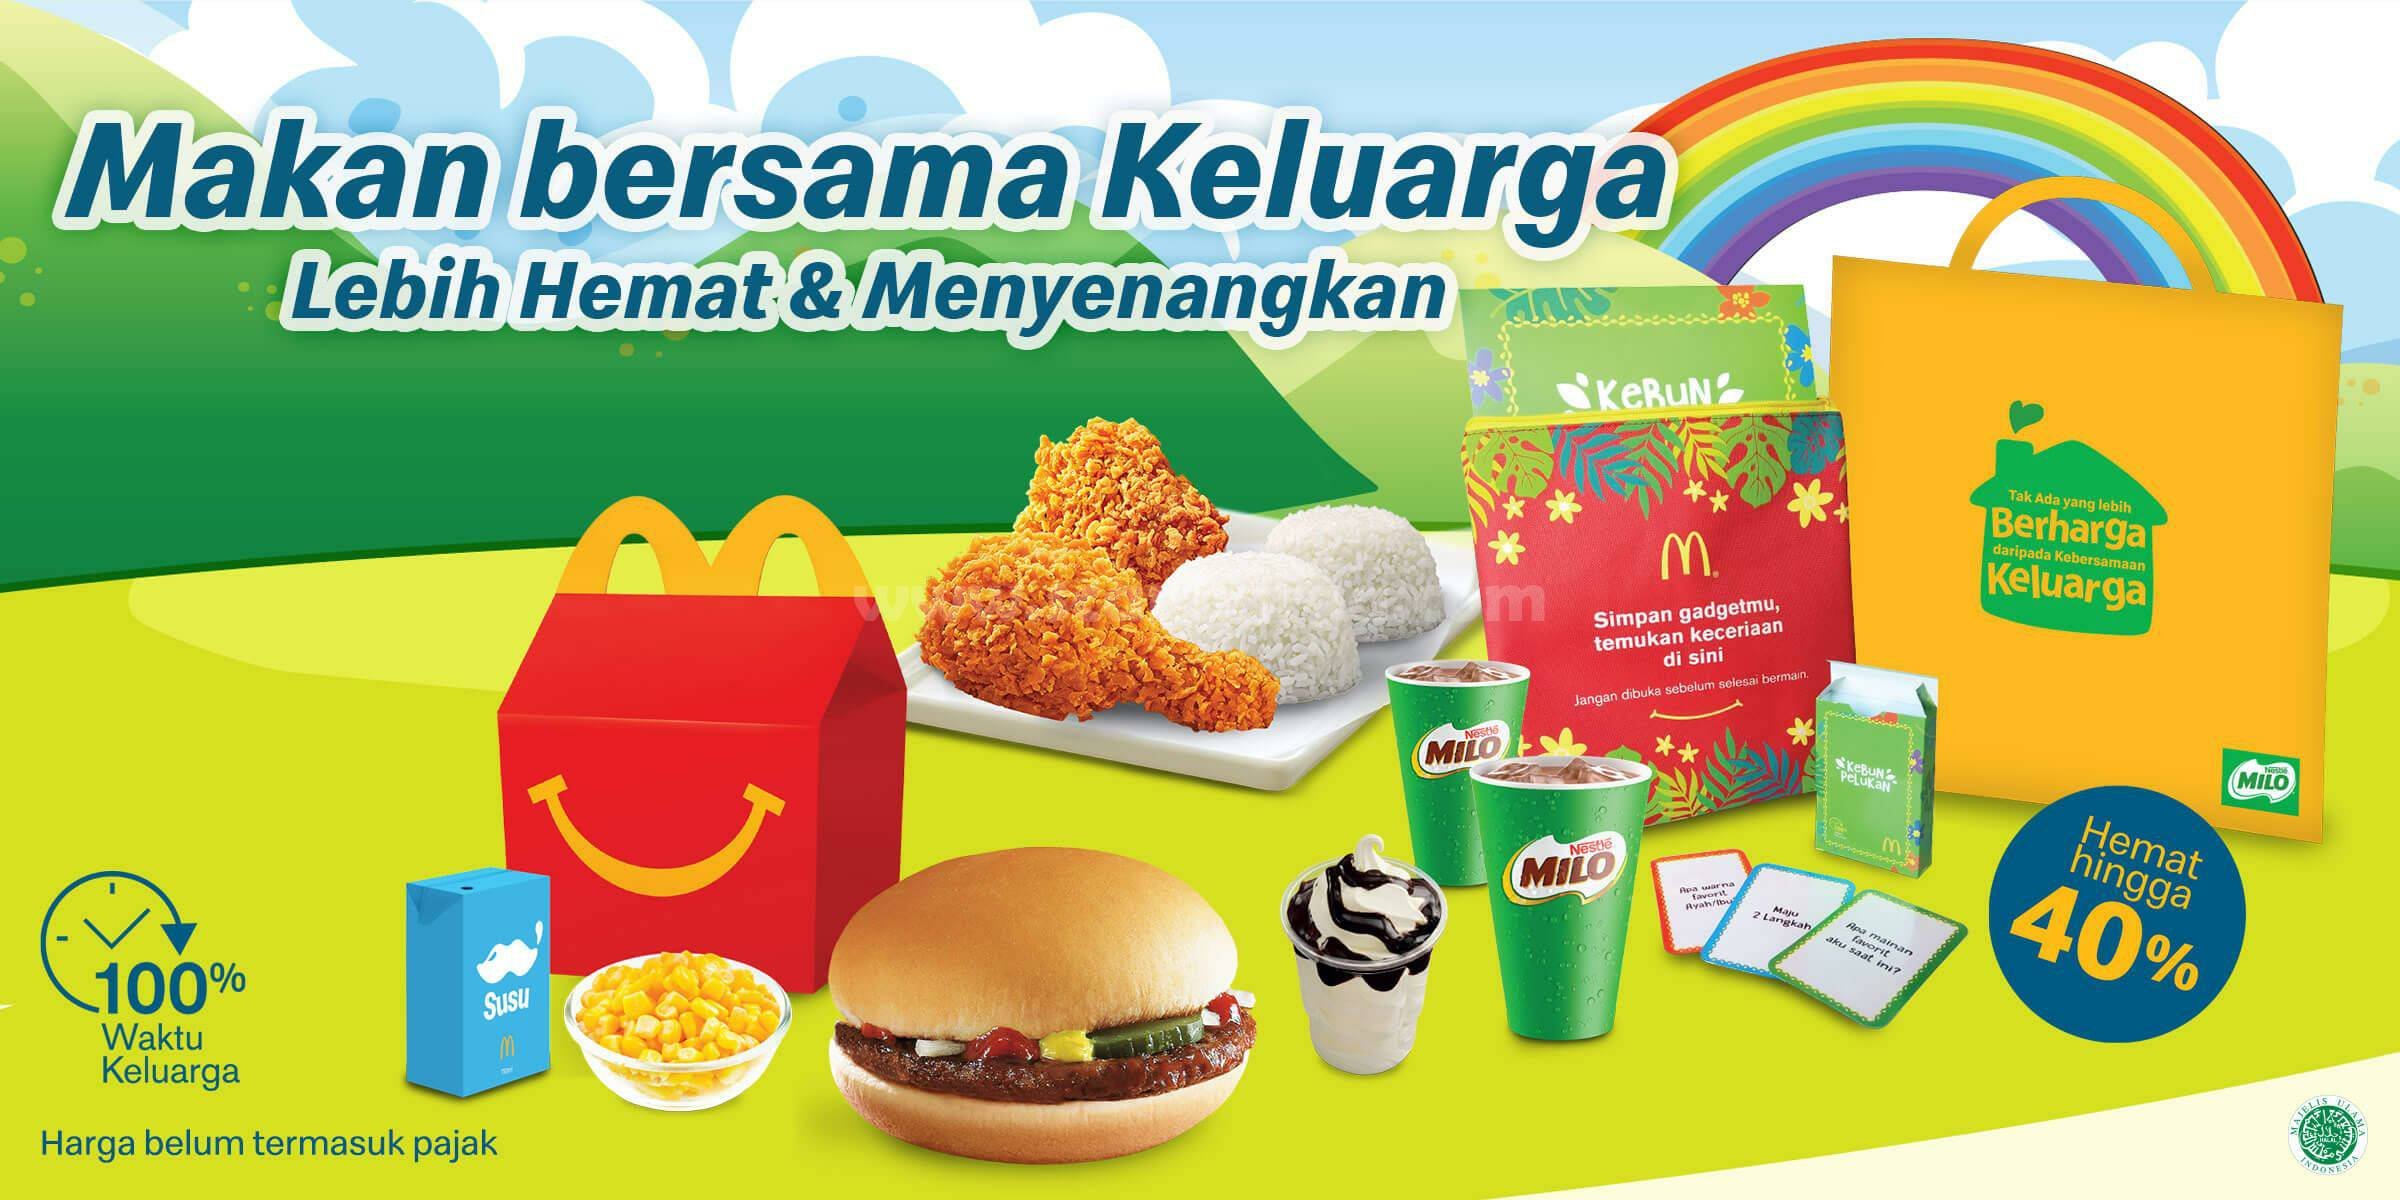 McDonalds Promo Paket Family McD Hemat Hingga 40%